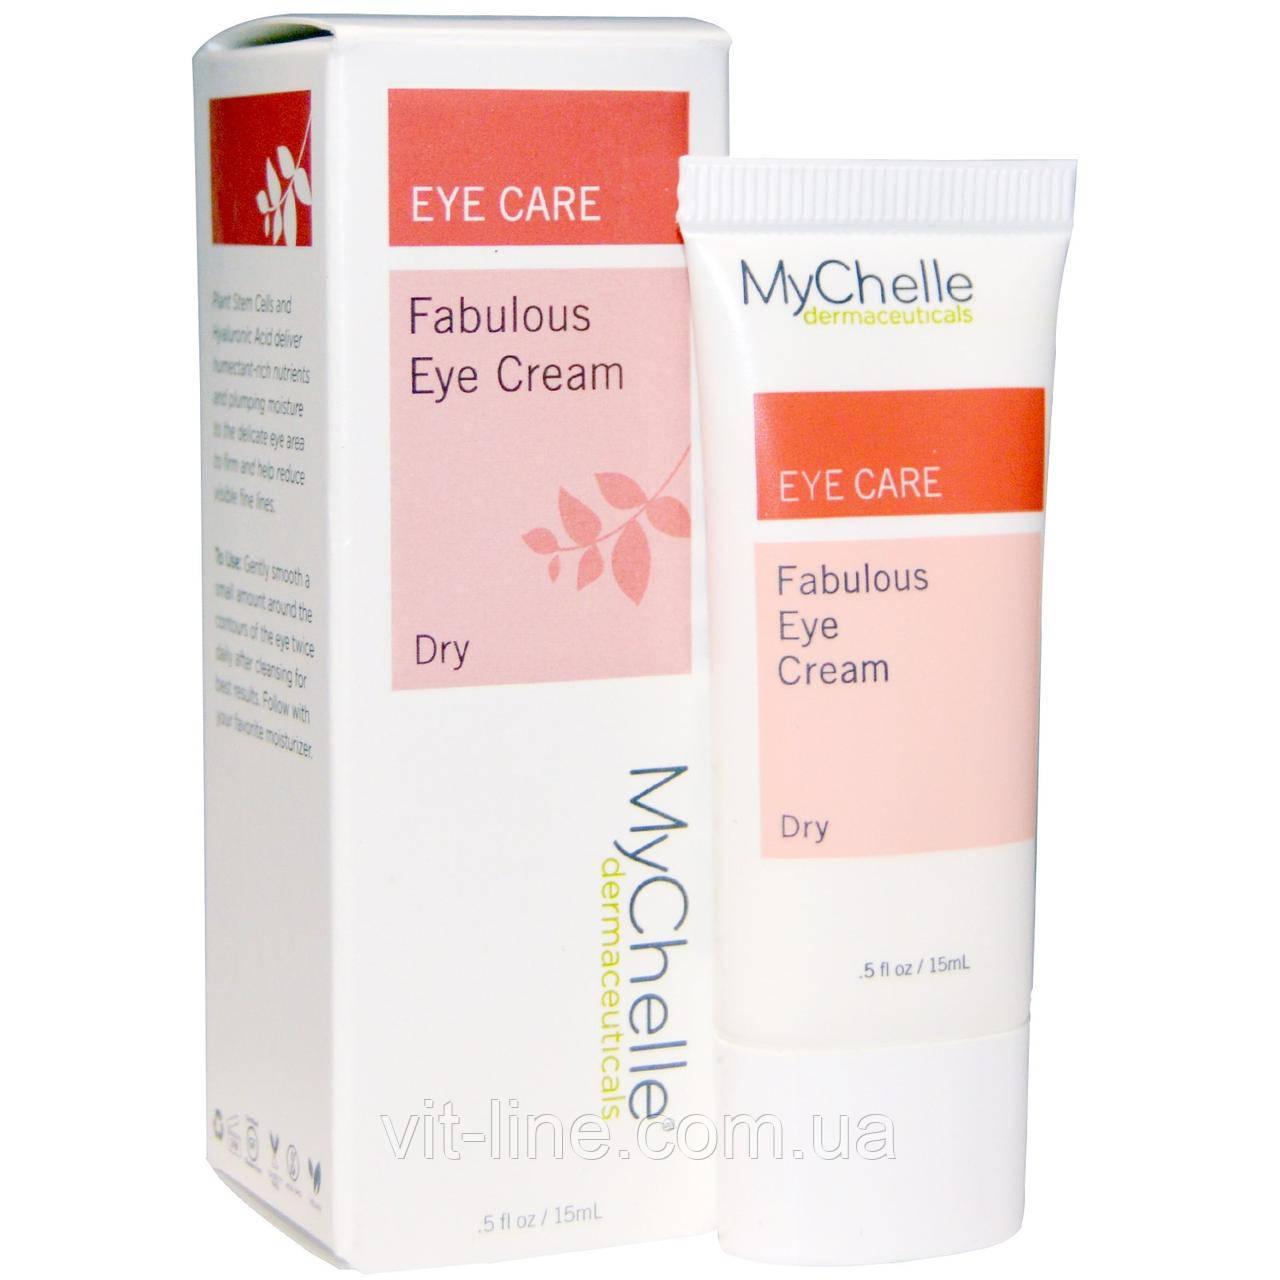 MyChelle Dermaceuticals, Fabulous крем для глаз,15 мл